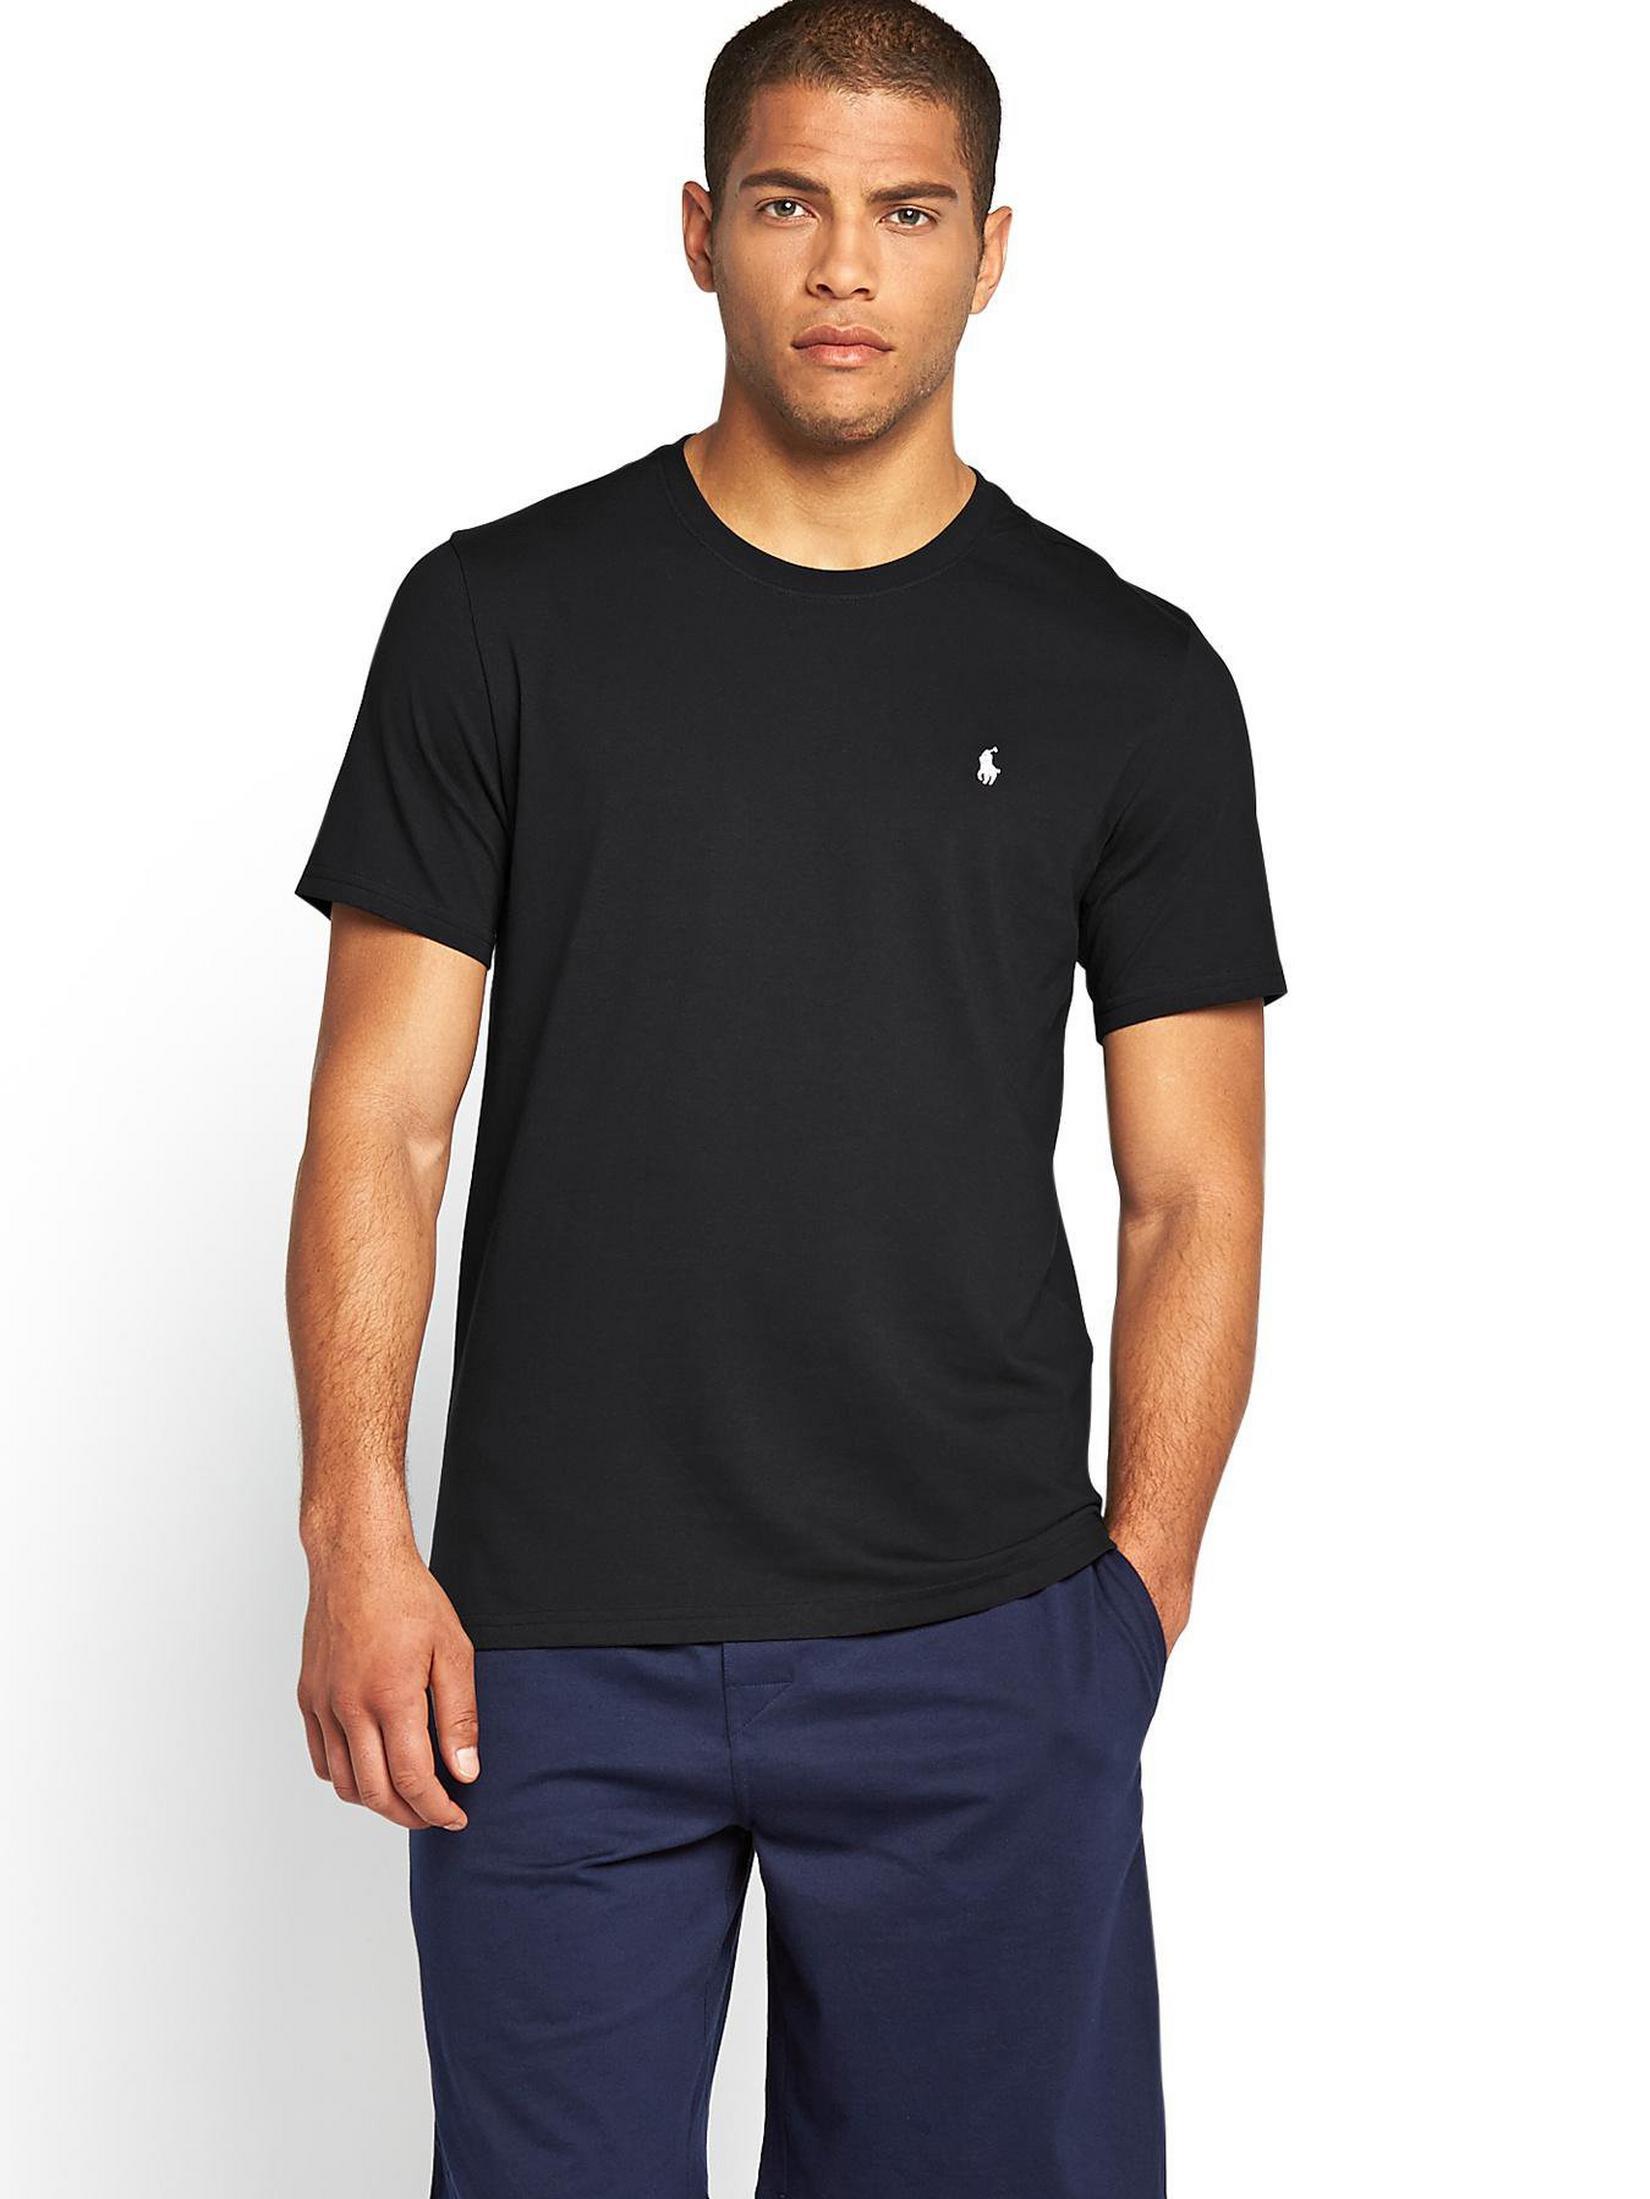 221f2b40 T-Shirt Deals ⇒ Cheap price, best Sale in UK - hotukdeals